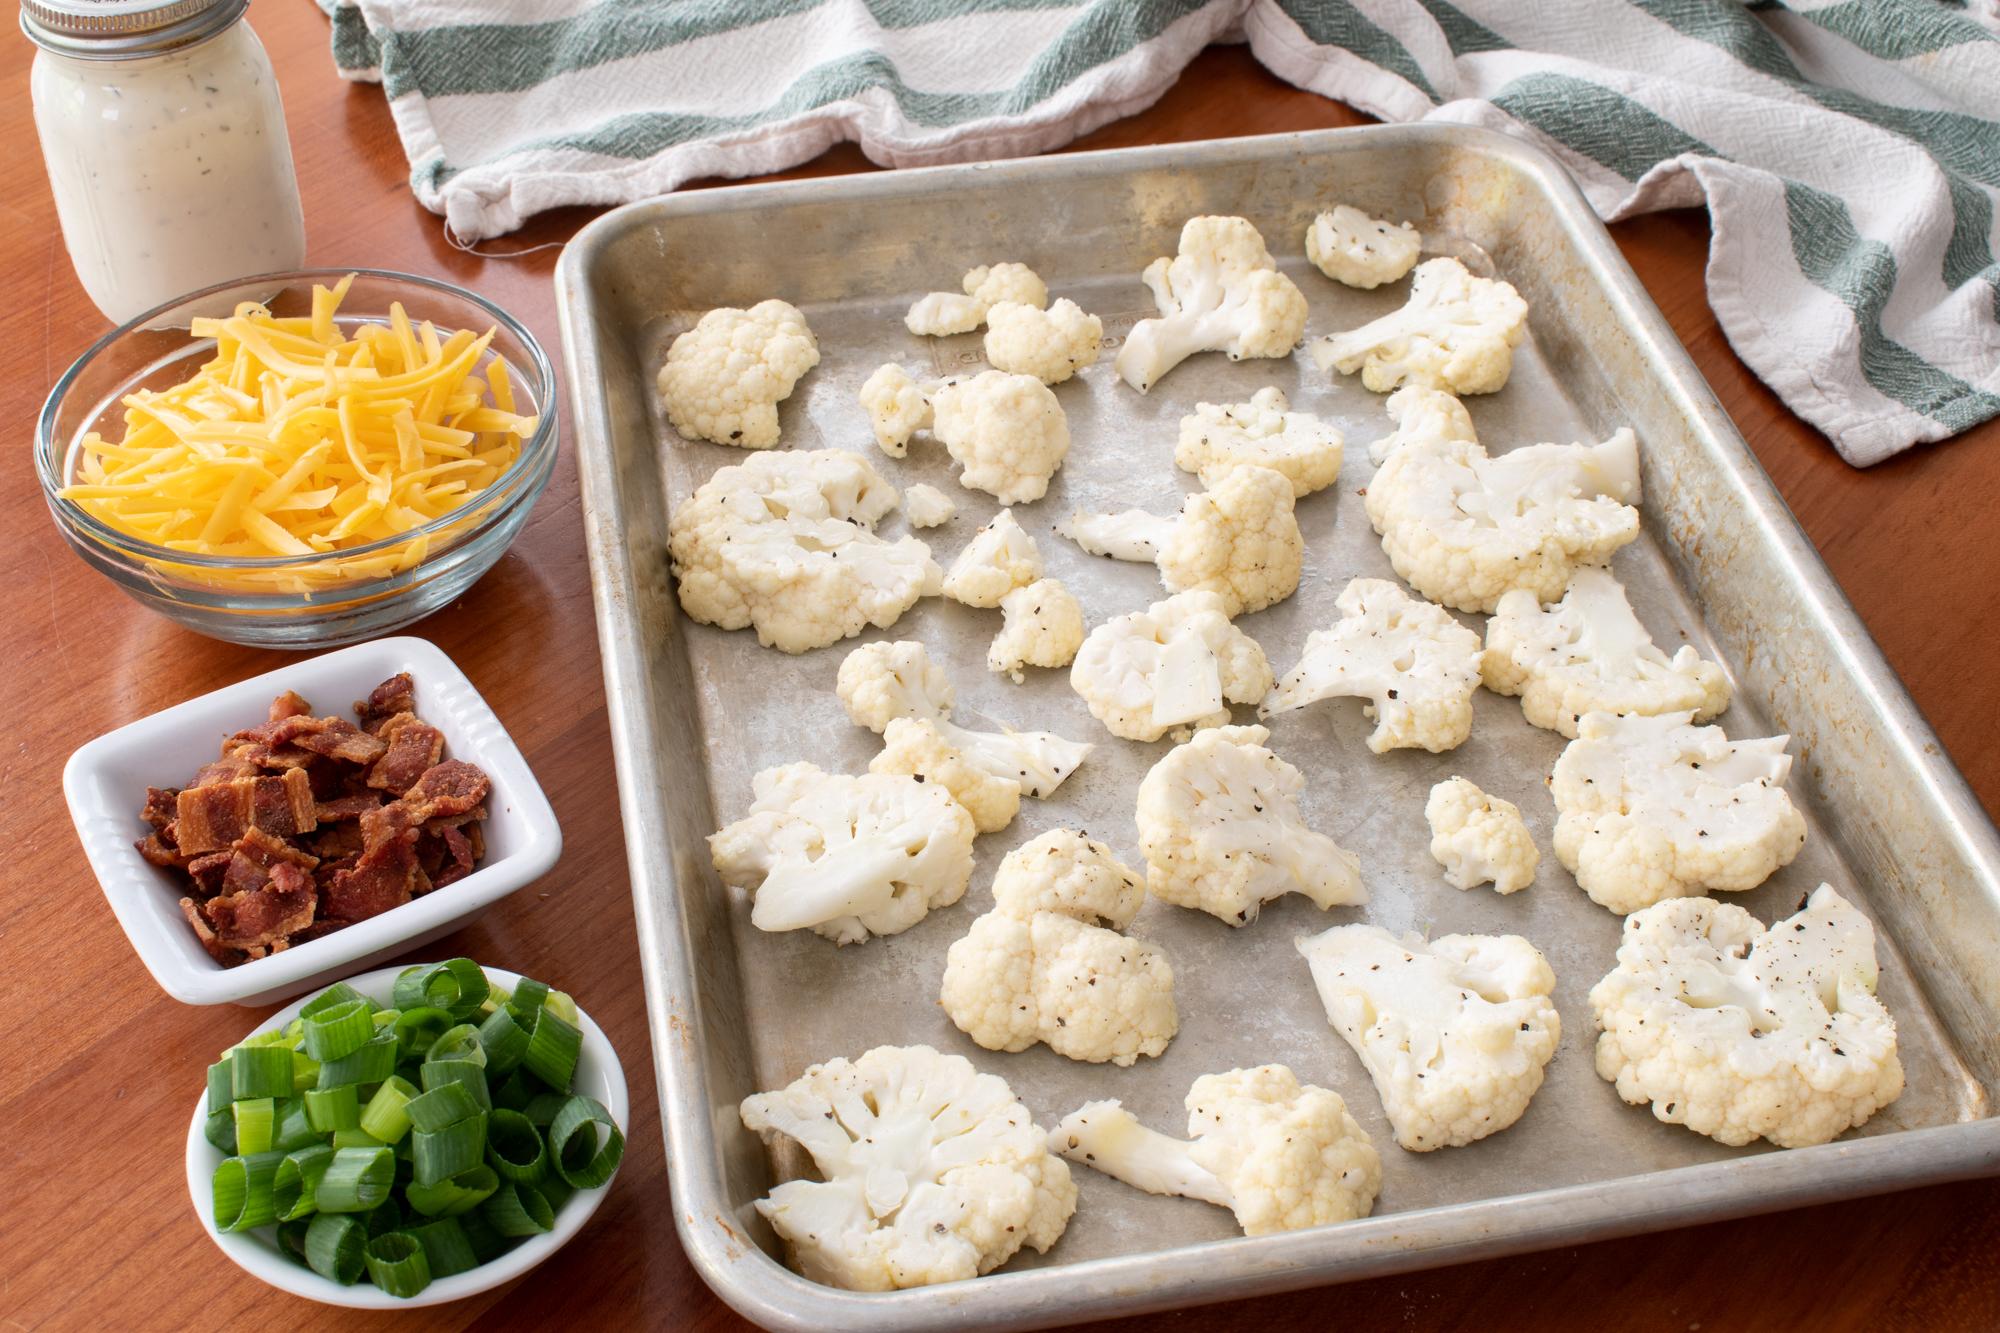 Loaded Roasted Cauliflower